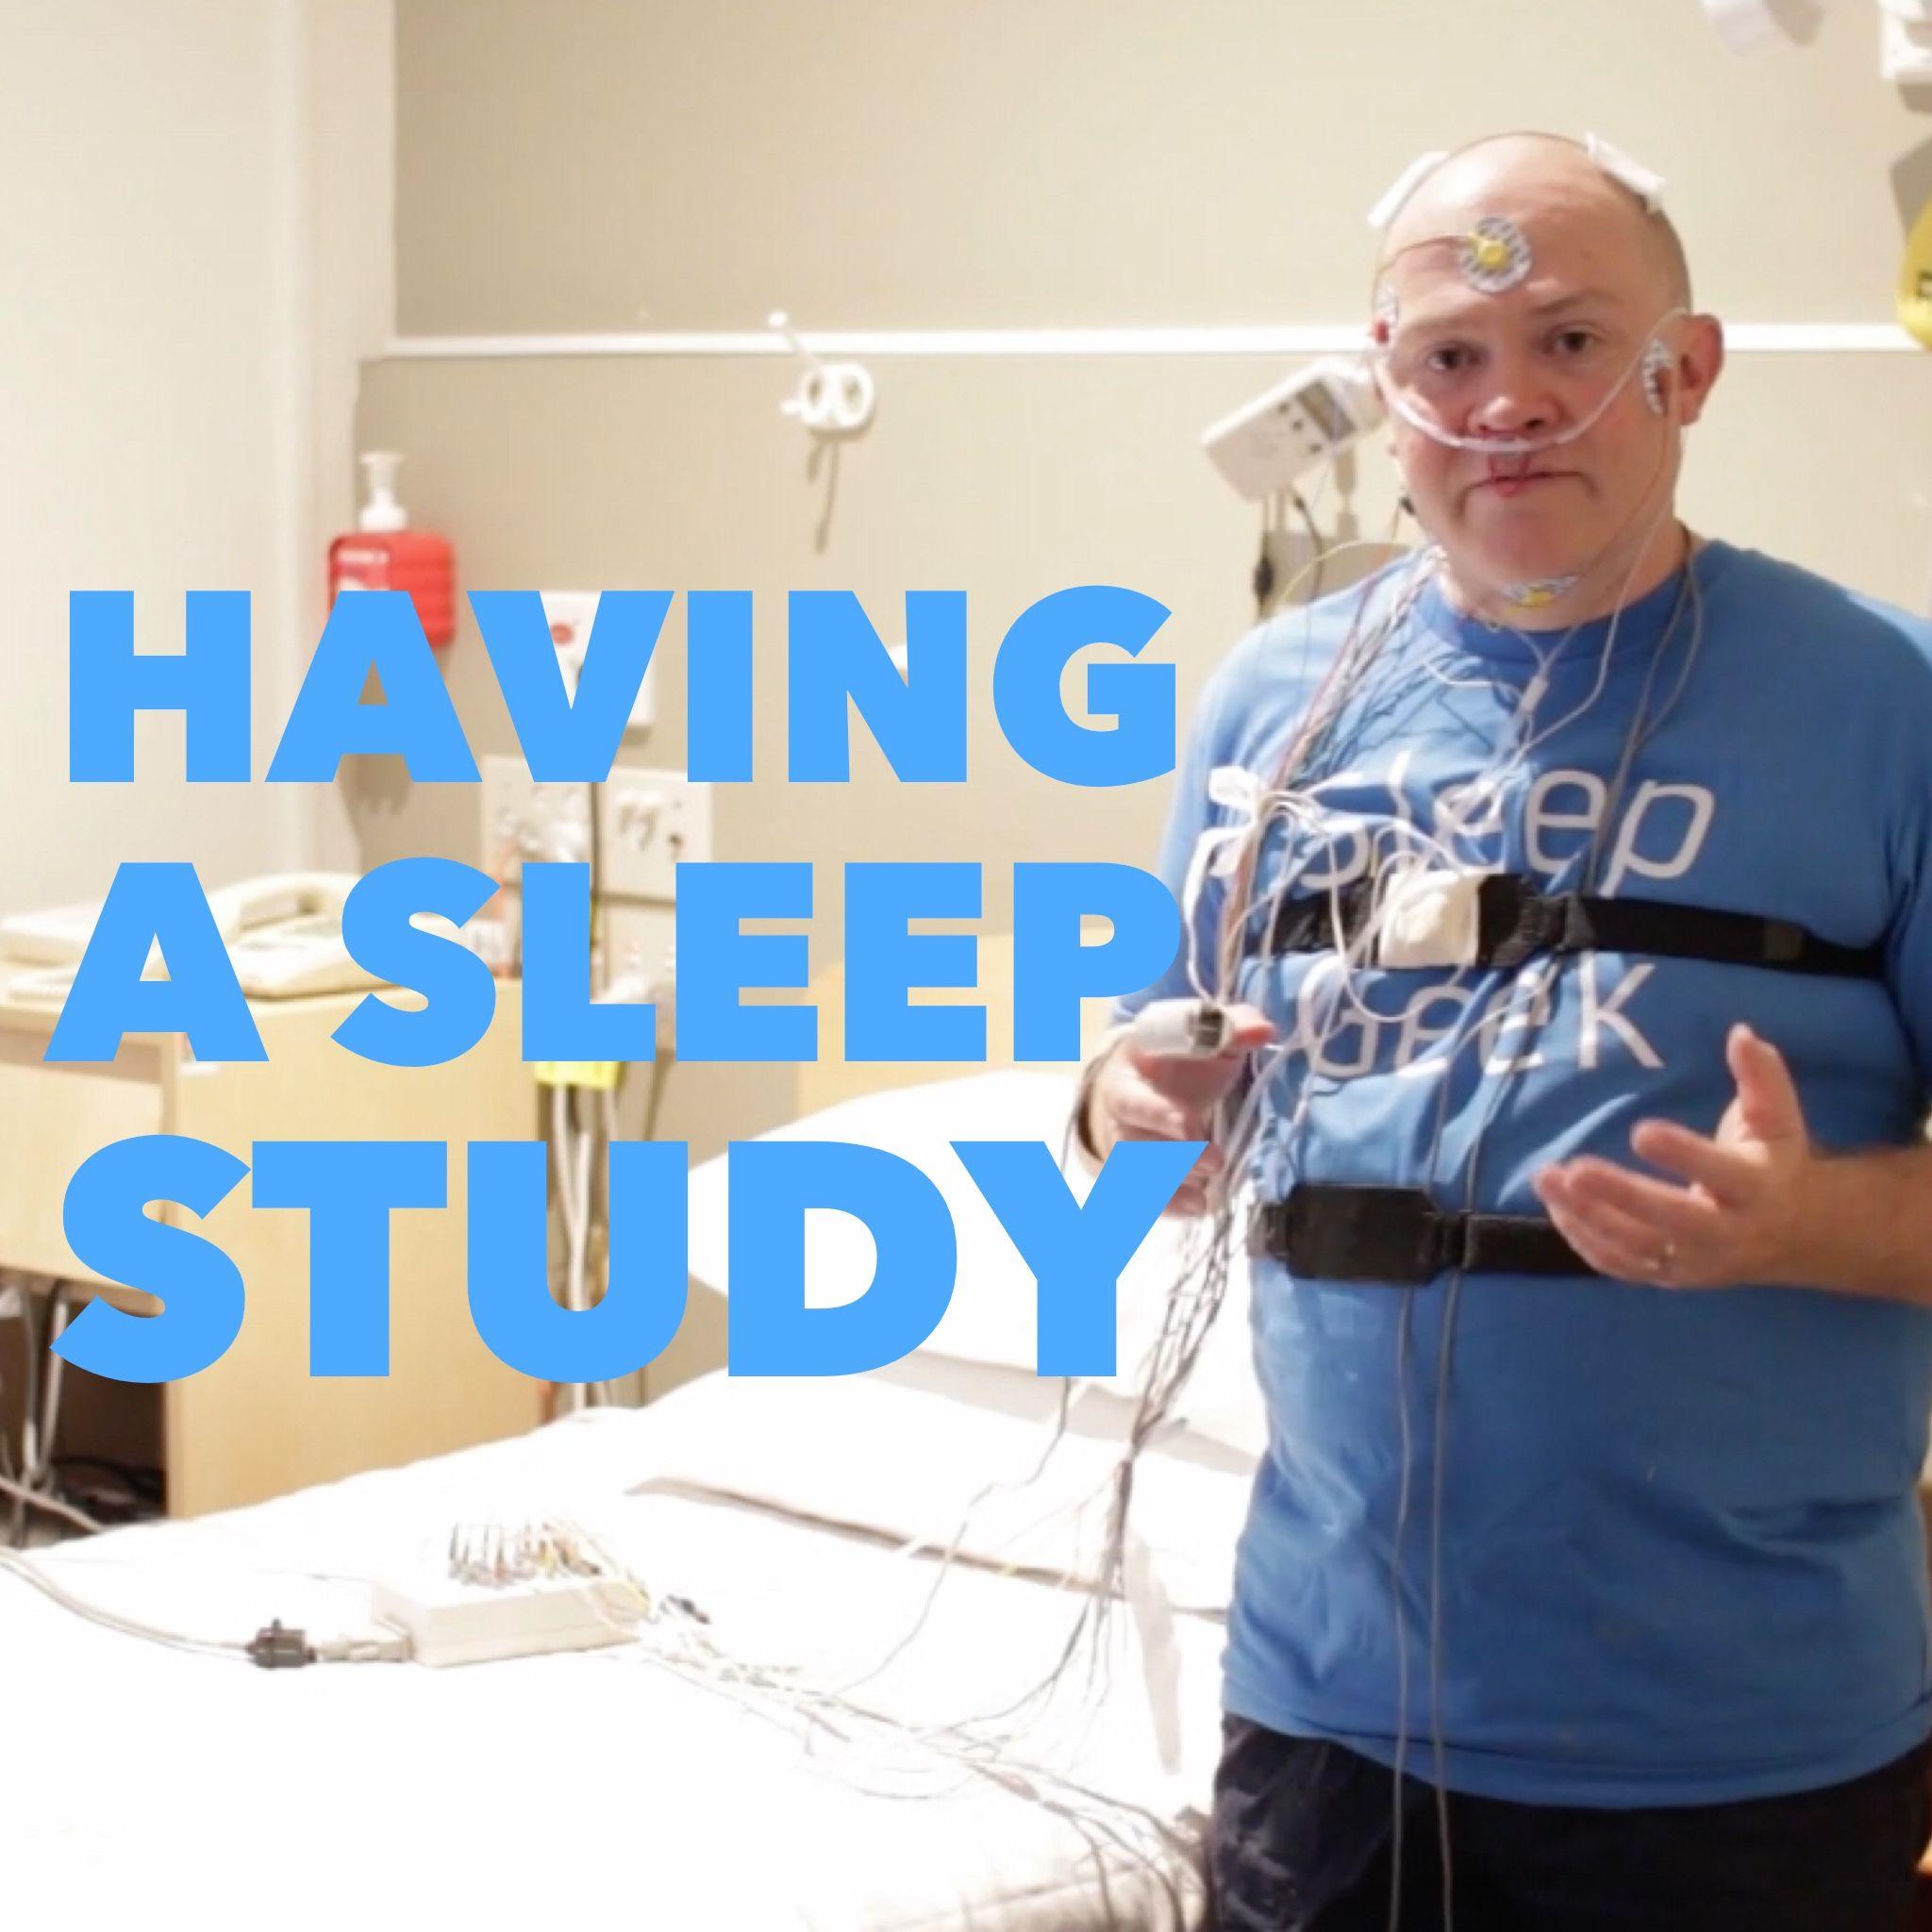 Having a Sleep Study Sleep studies, Study, Sleep